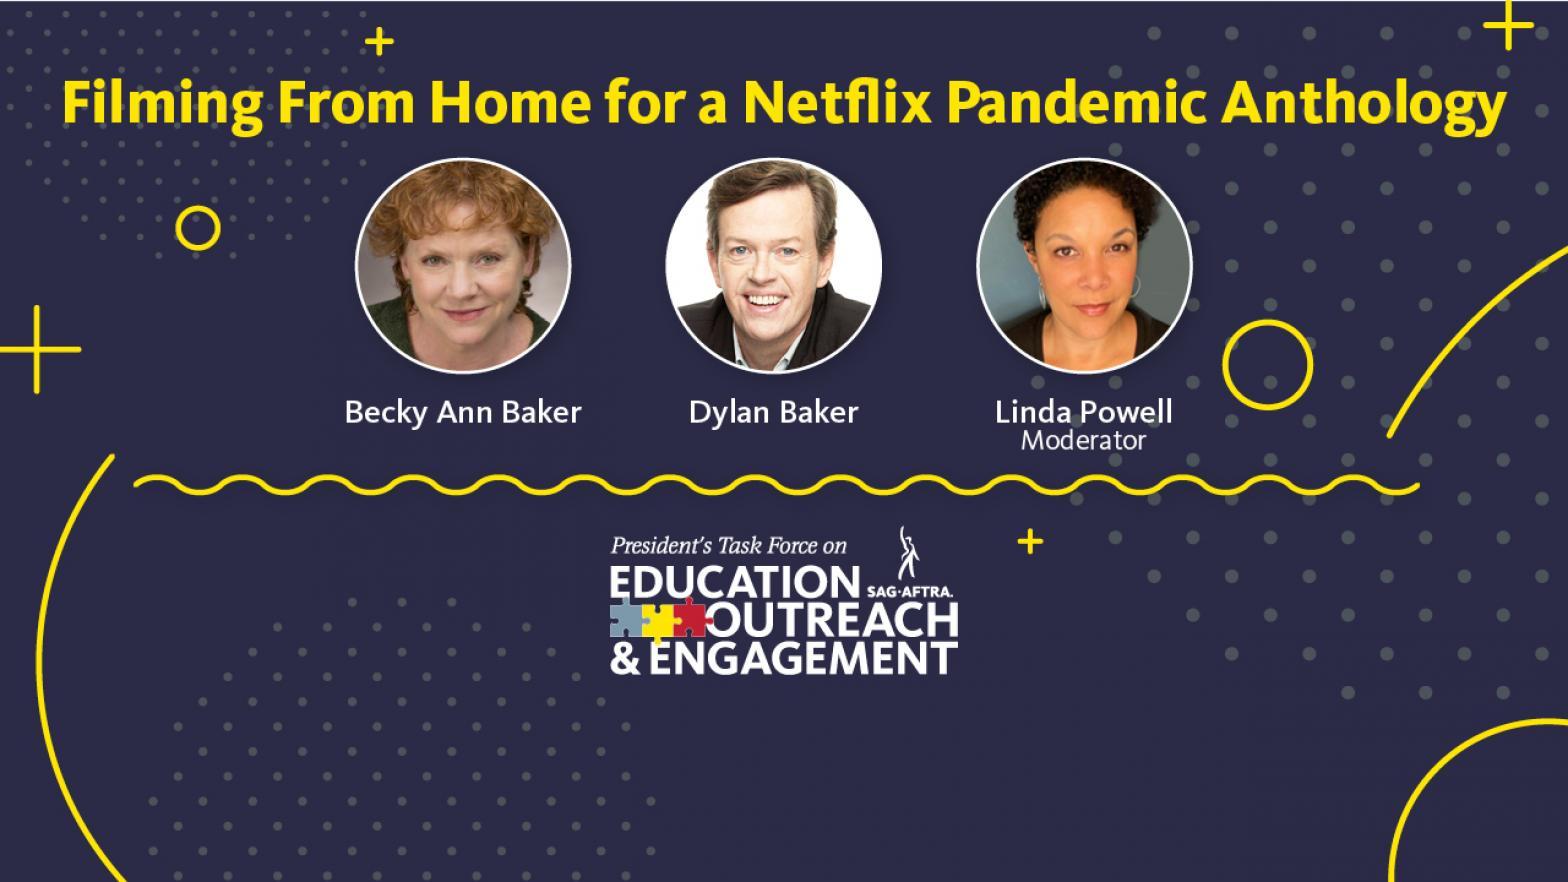 'Filmando desde casa para una antología pandémica de Netflix' en la parte superior en amarillo. Disparos a la cabeza de LR: Becky Ann, Dylan y Linda Powell.